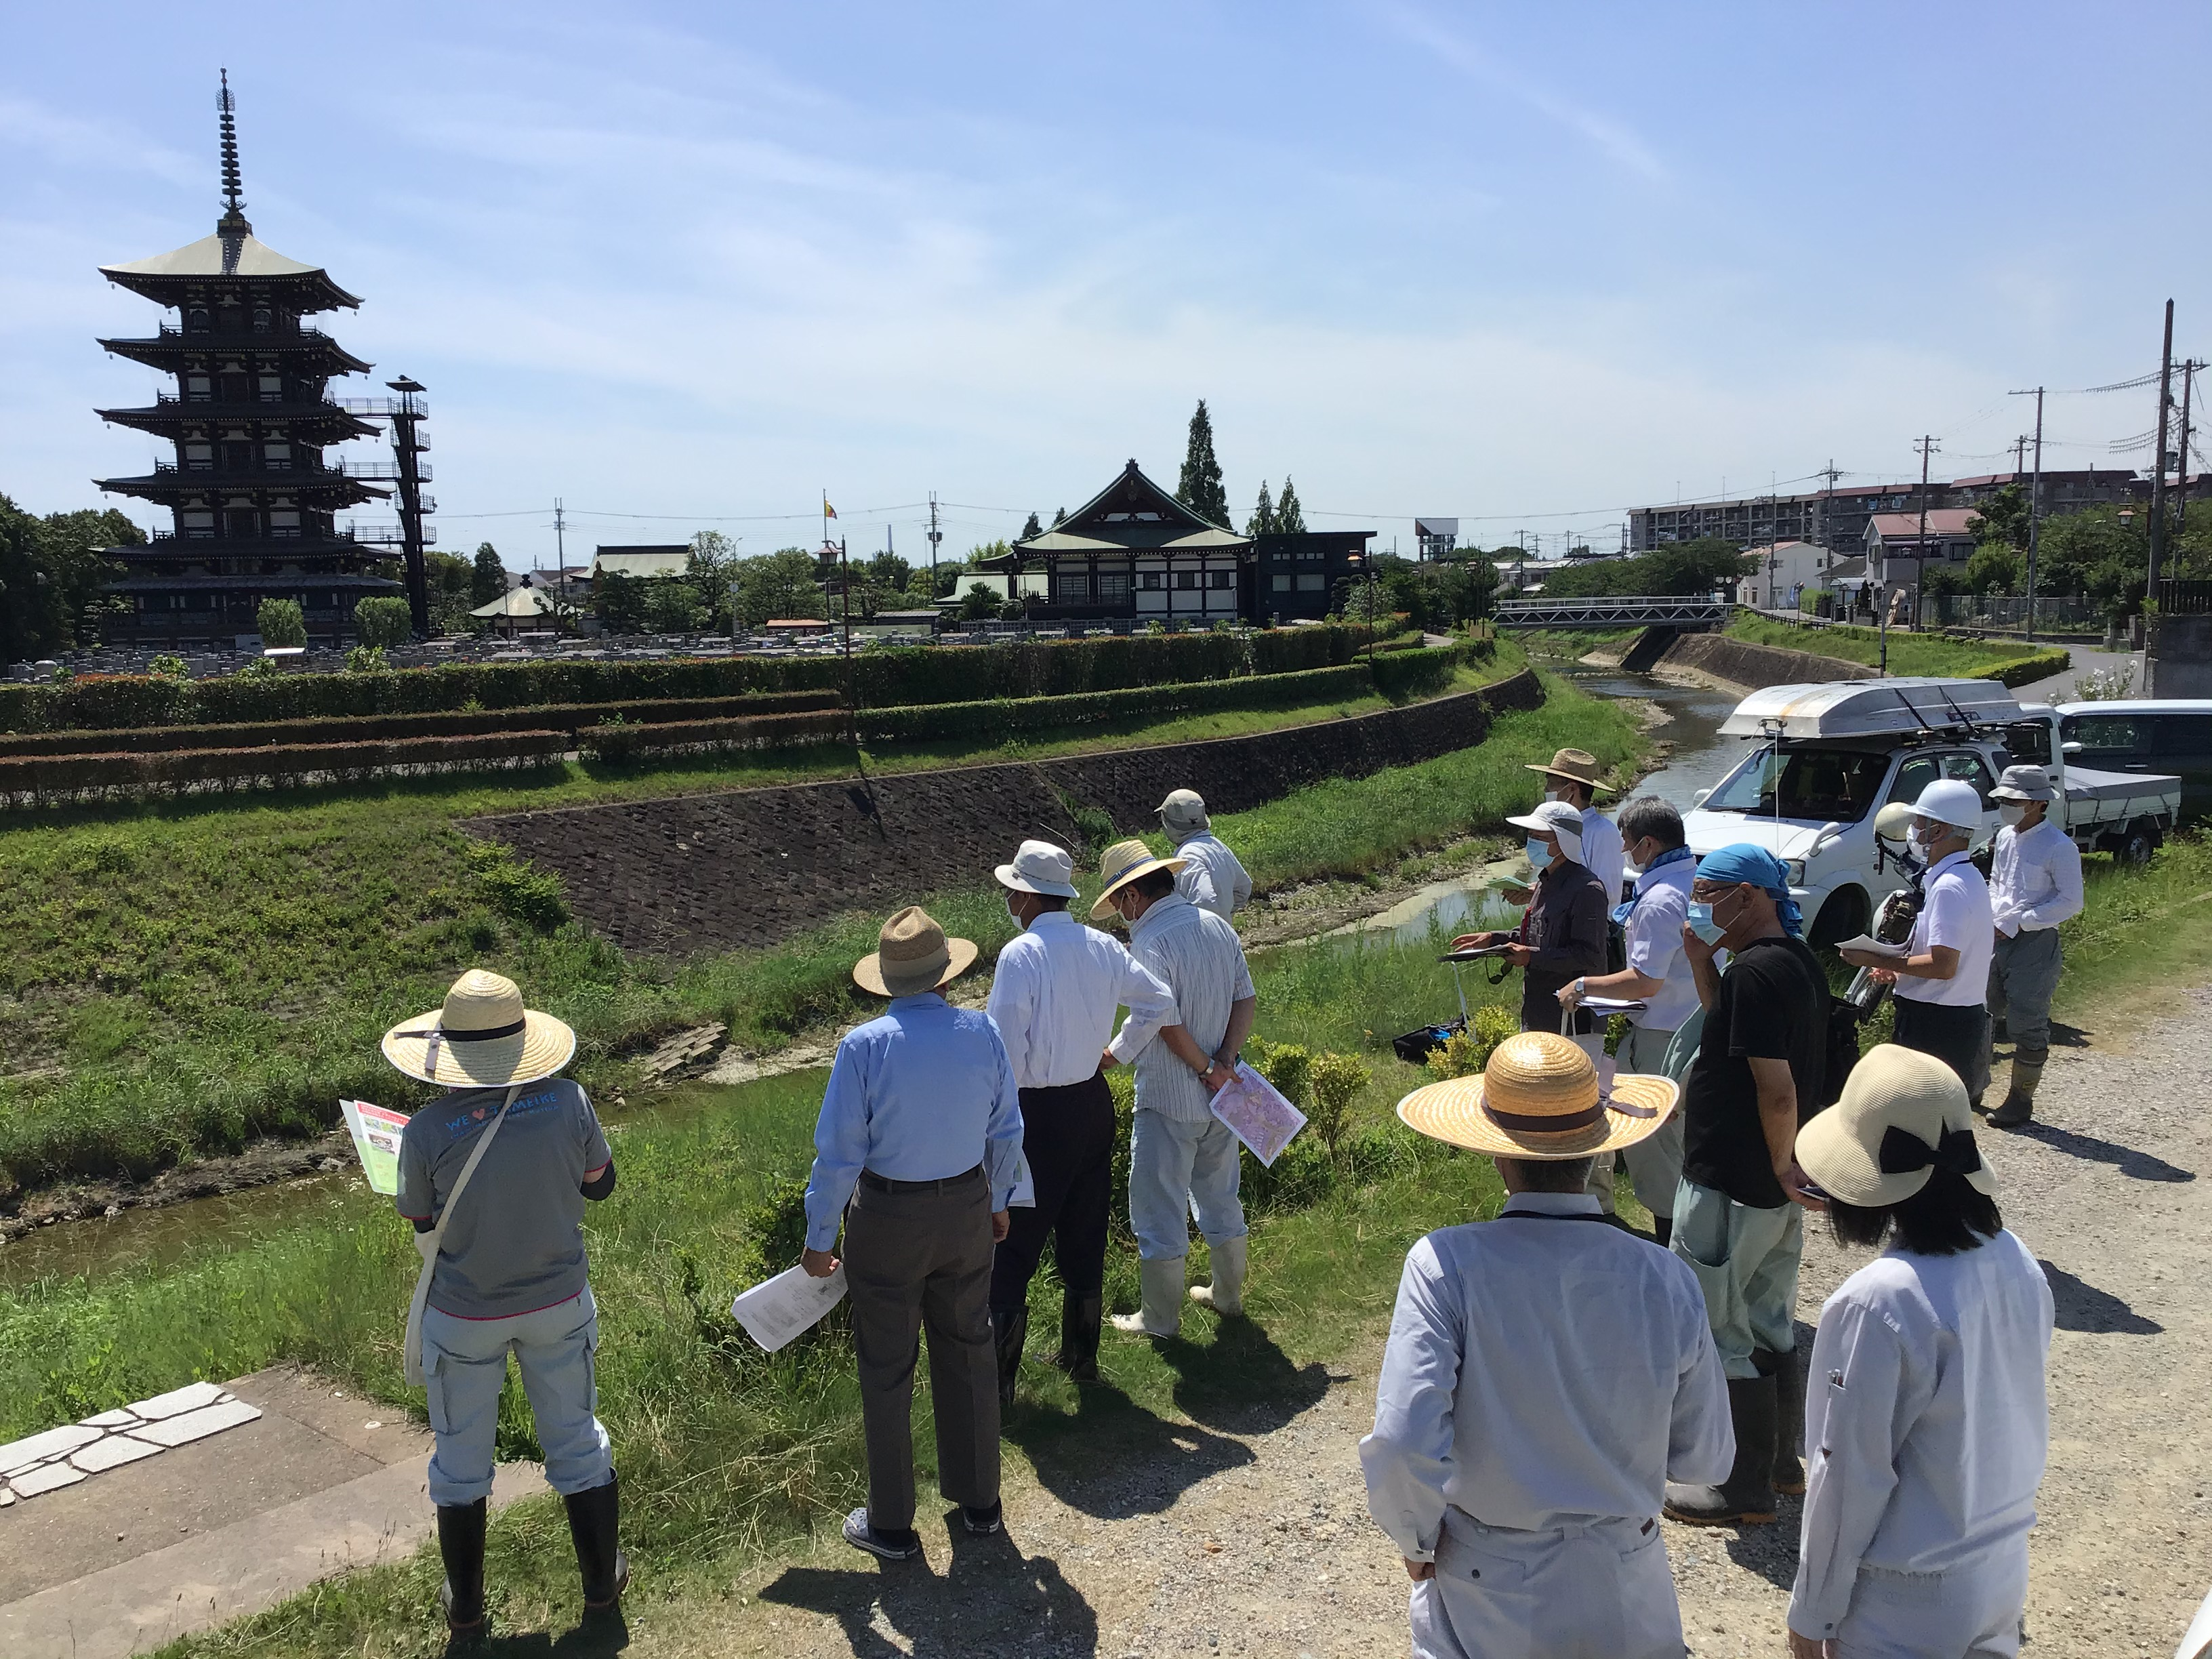 播磨町役場からは3名の職員の方が。(左端は、堀江リーダー。右手前から、灘さんと北山さん)対面は、土山霊園と五重塔